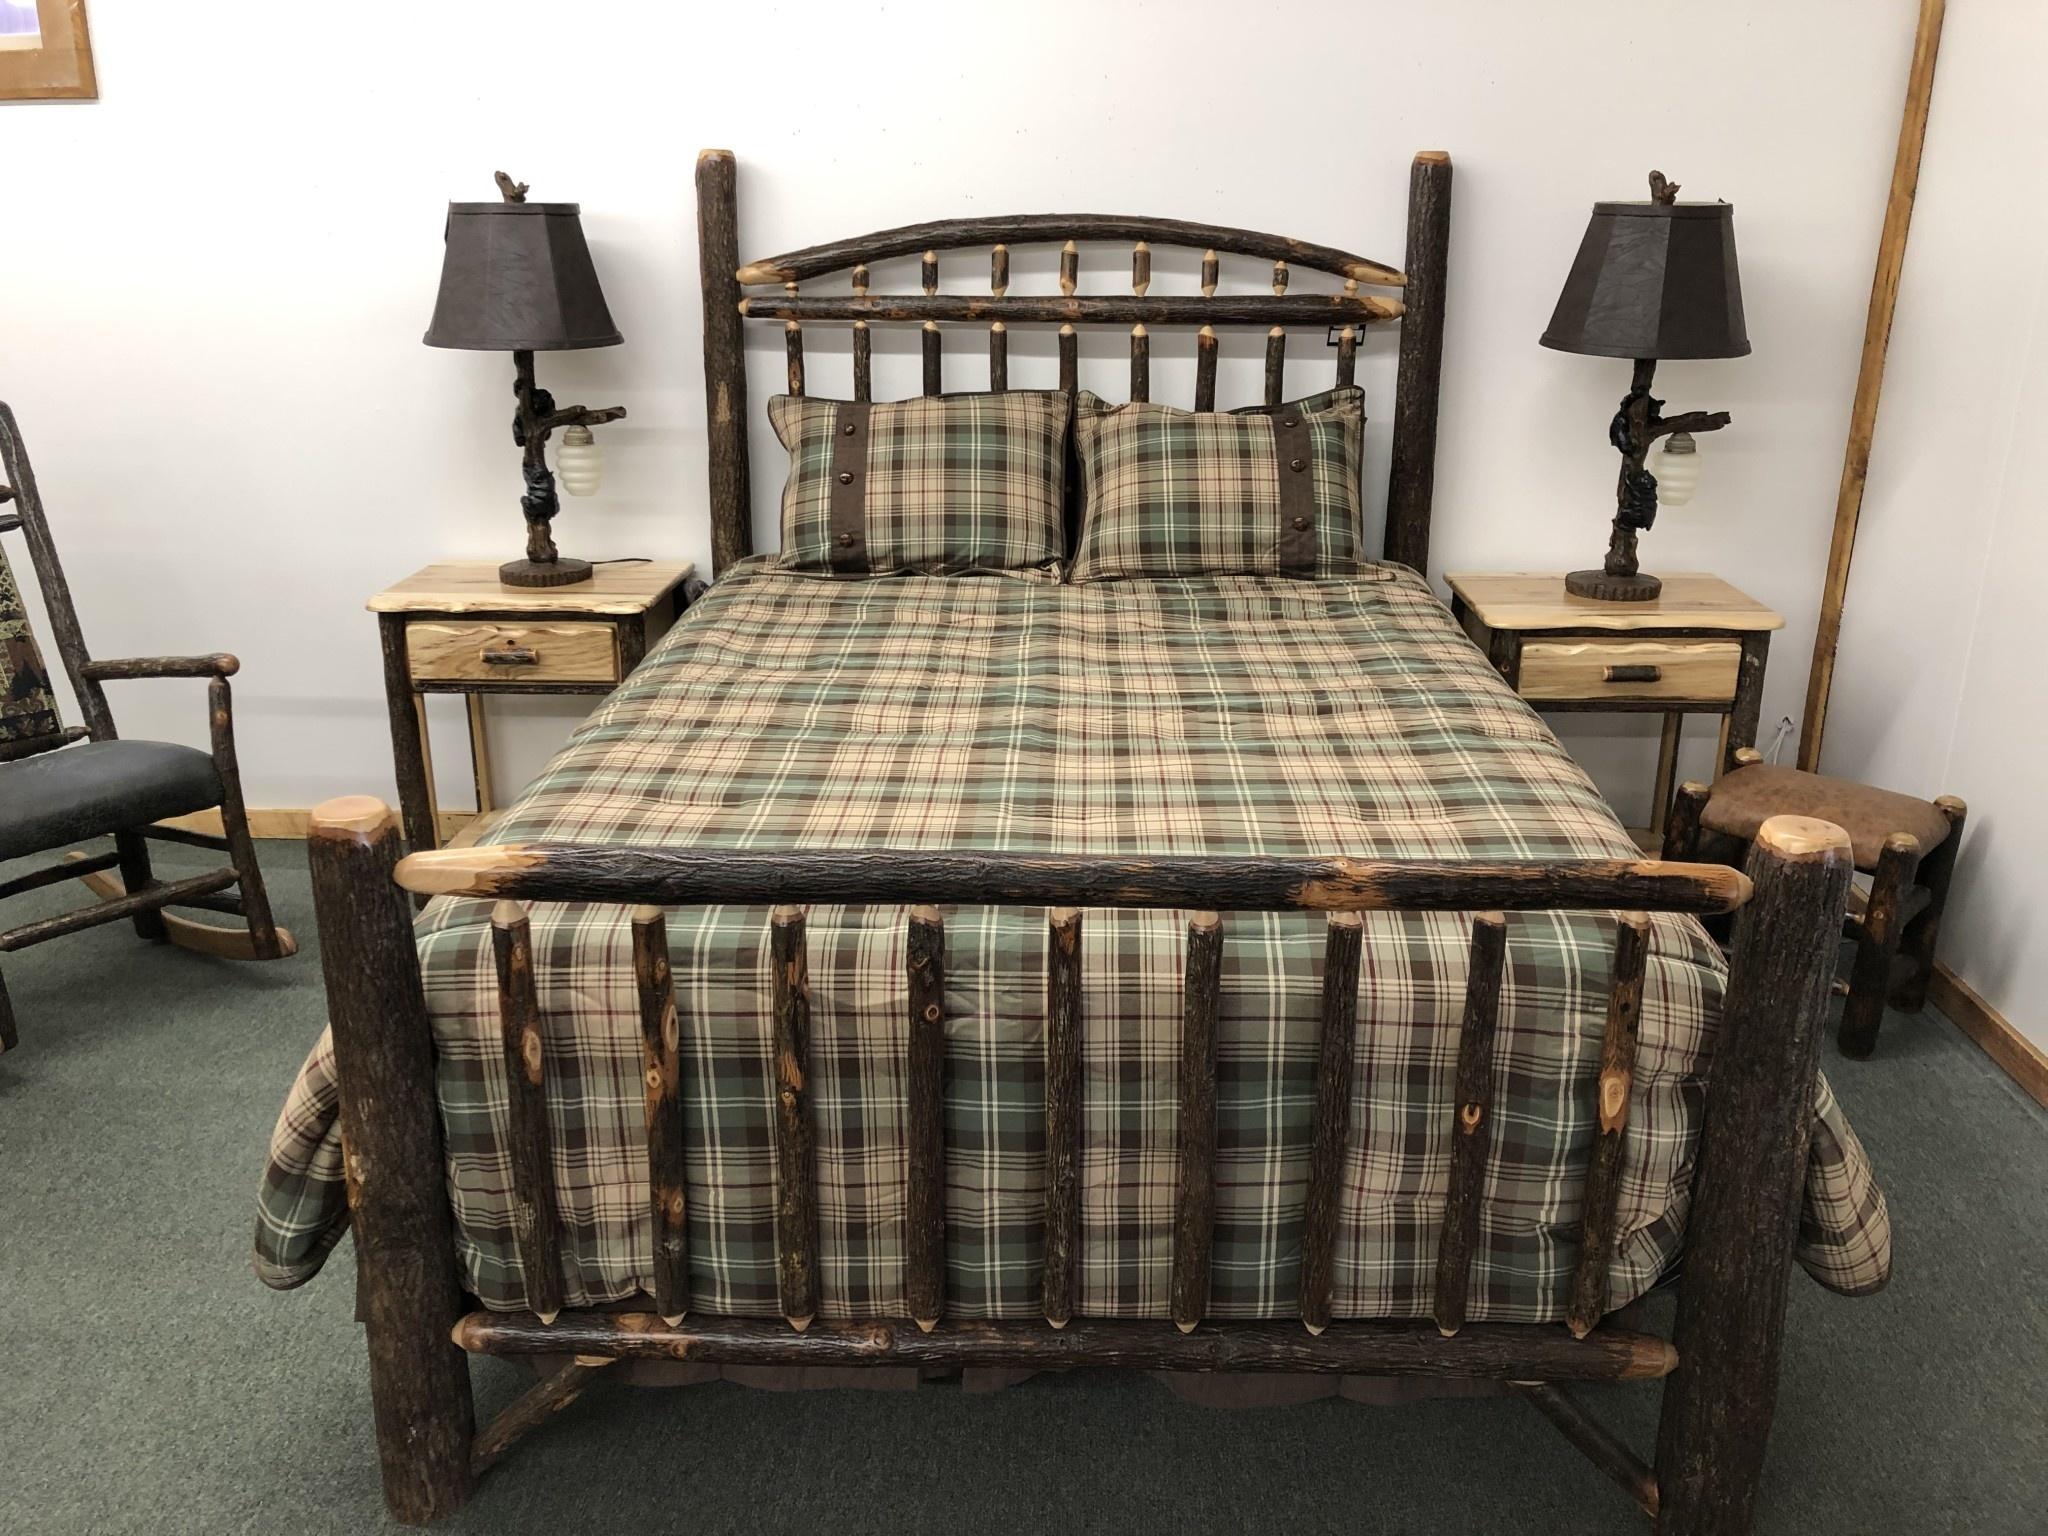 Hiend Huntsman 4 pc Comforter Set Queen